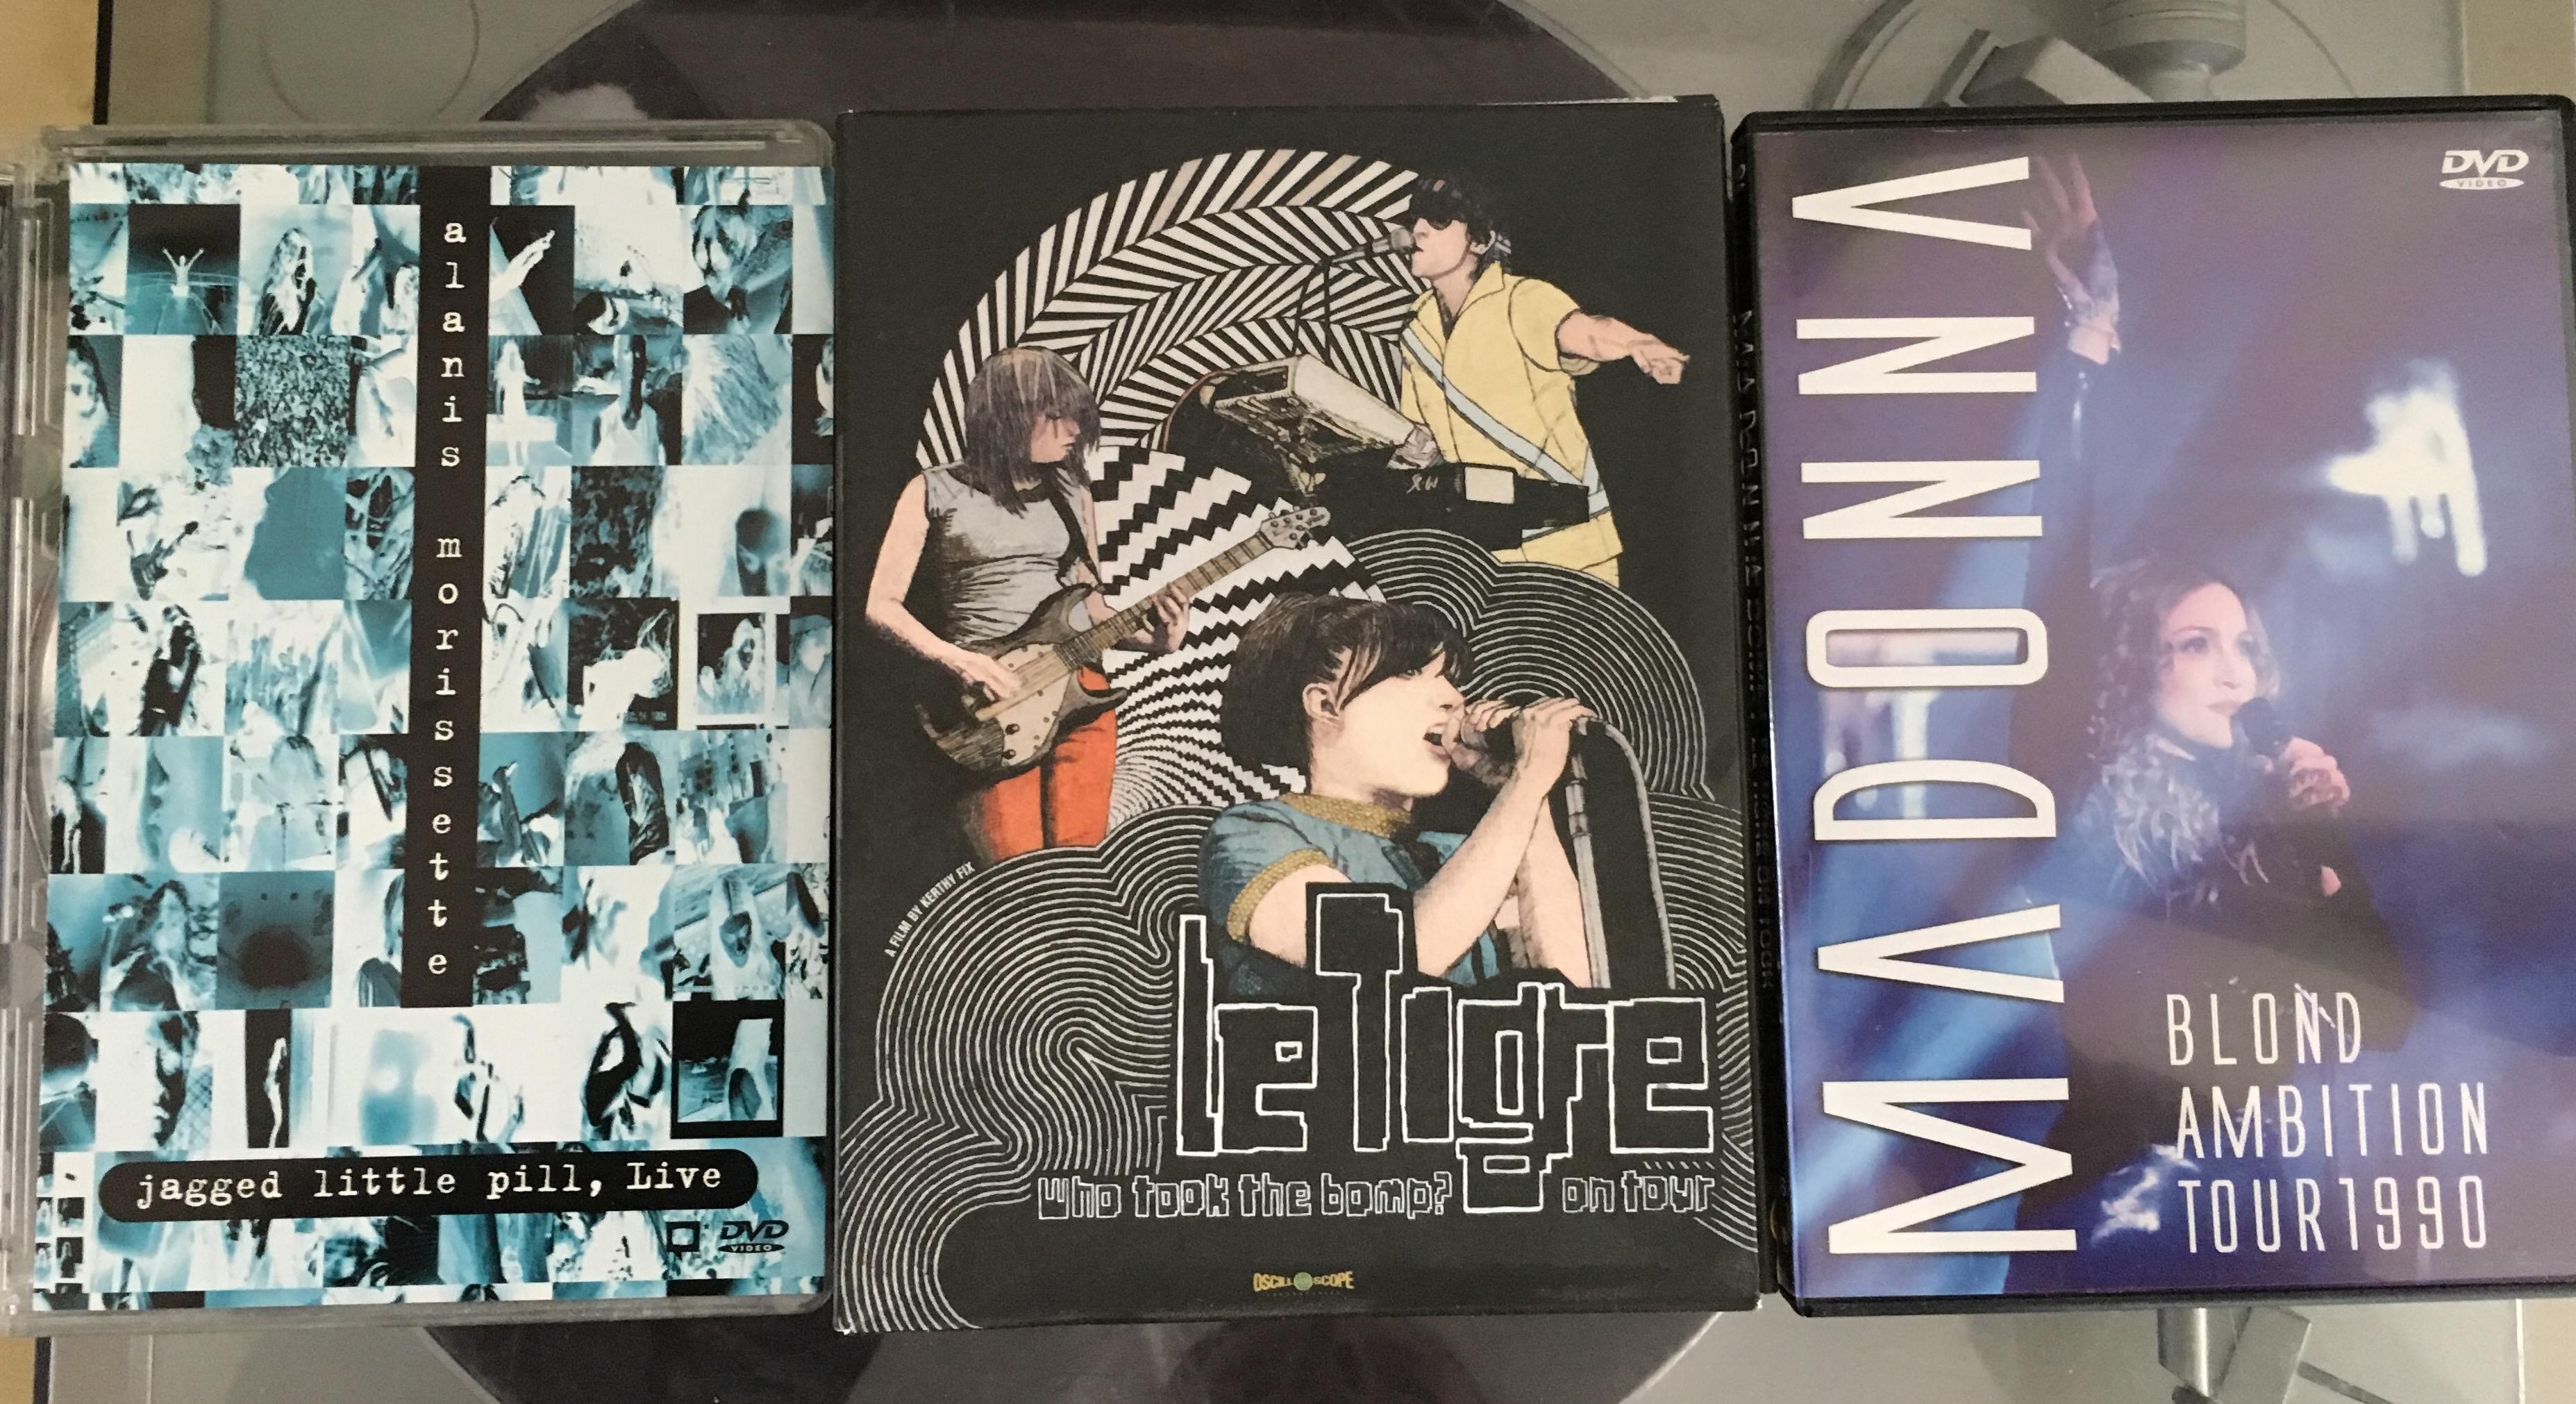 """Die Cover der Dokumentationen """"Who took the bomb"""" von Le Tigre sowie """"Jagged Little Pill live"""" von Alanis Morissette und die """"Blond Ambitions Tour"""" von Madonna sind zu sehen."""